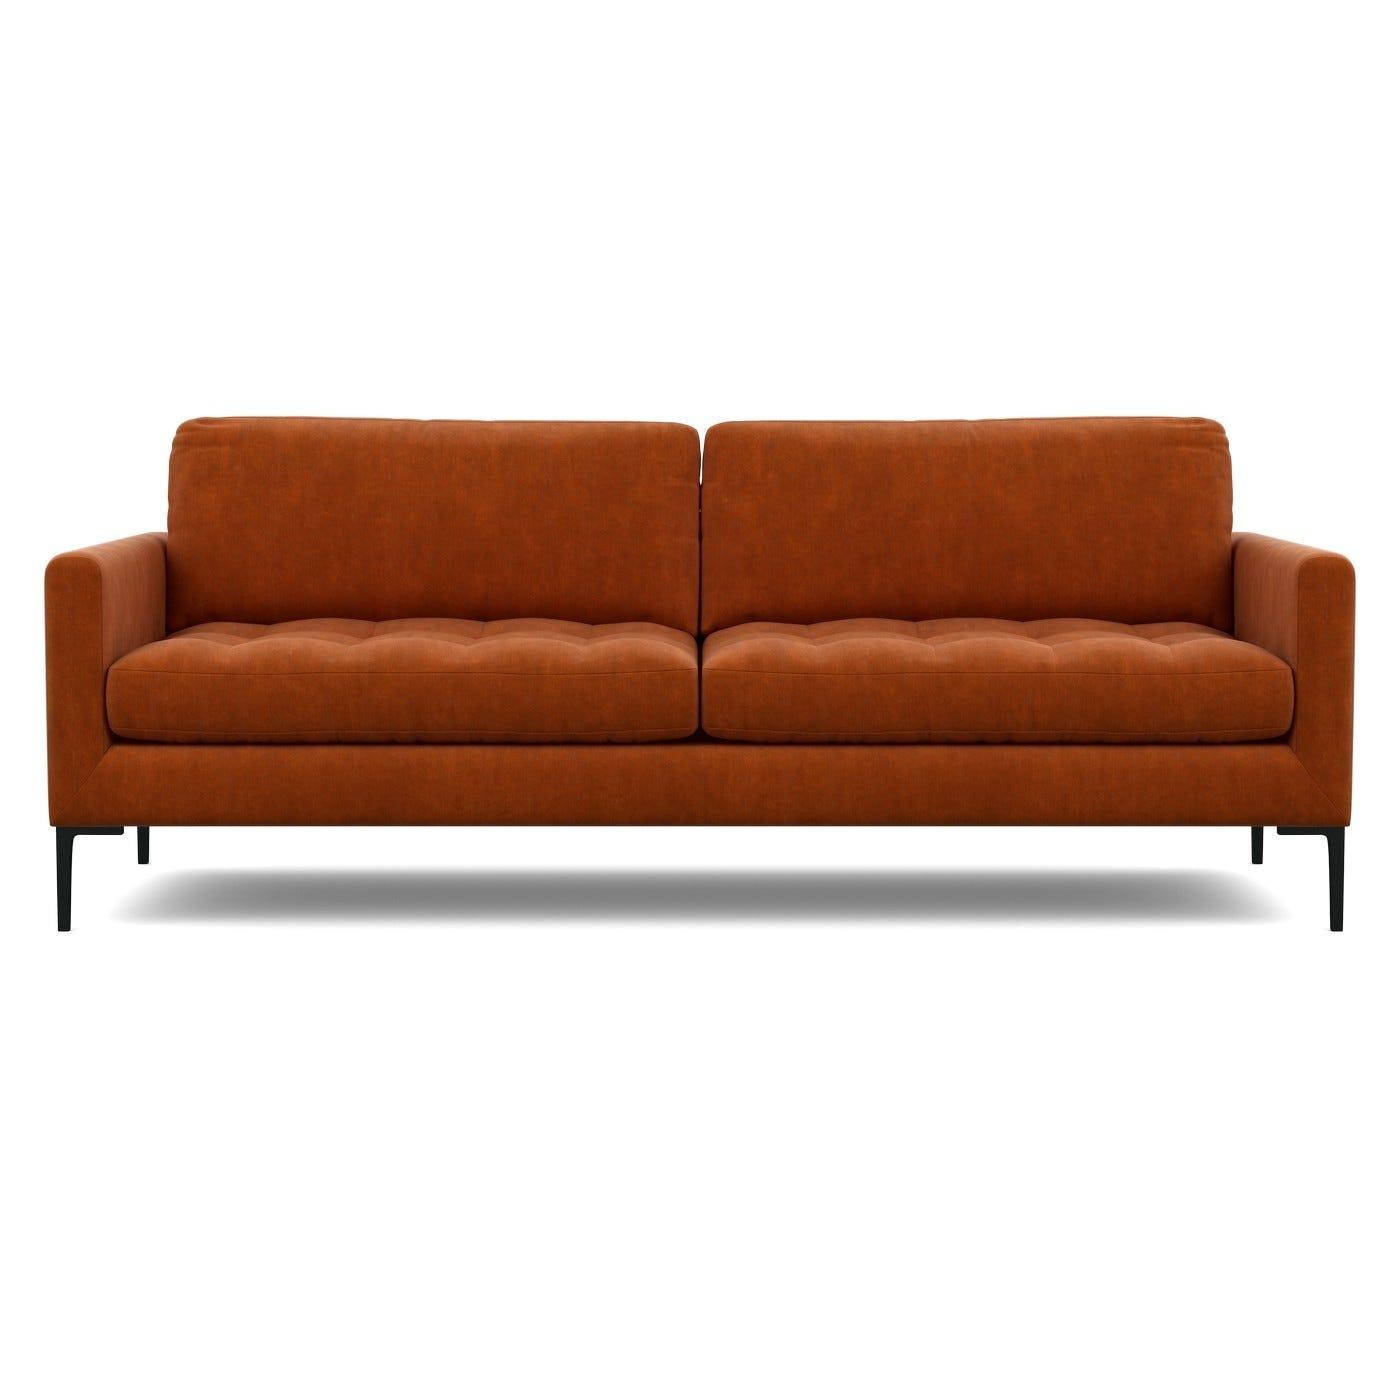 Eton 4 Seater Sofa